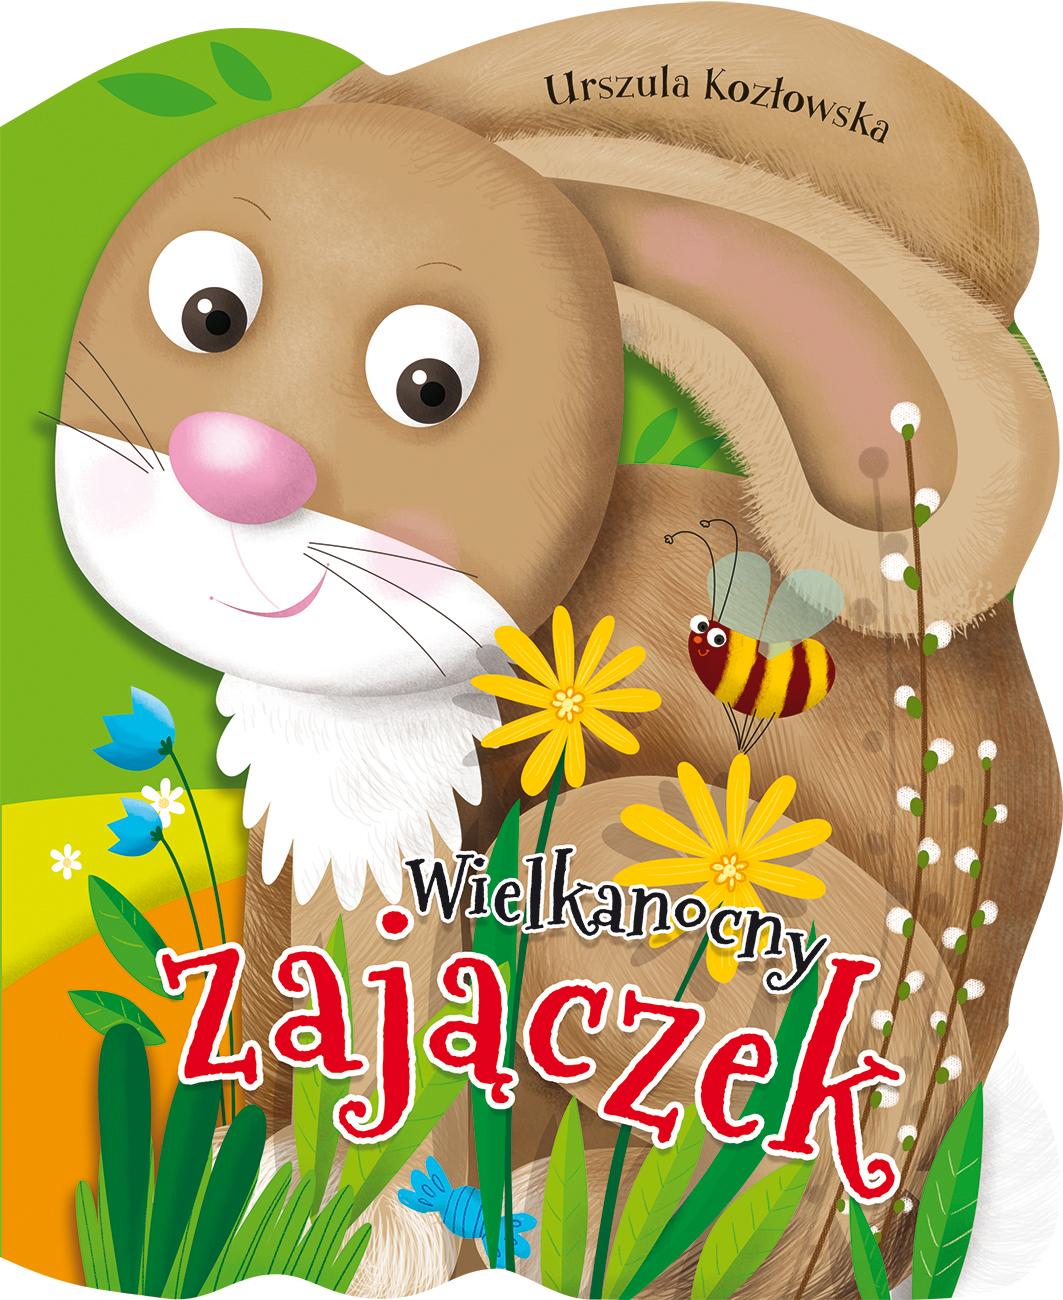 Wielkanocny zajączek - Urszula Kozłowska